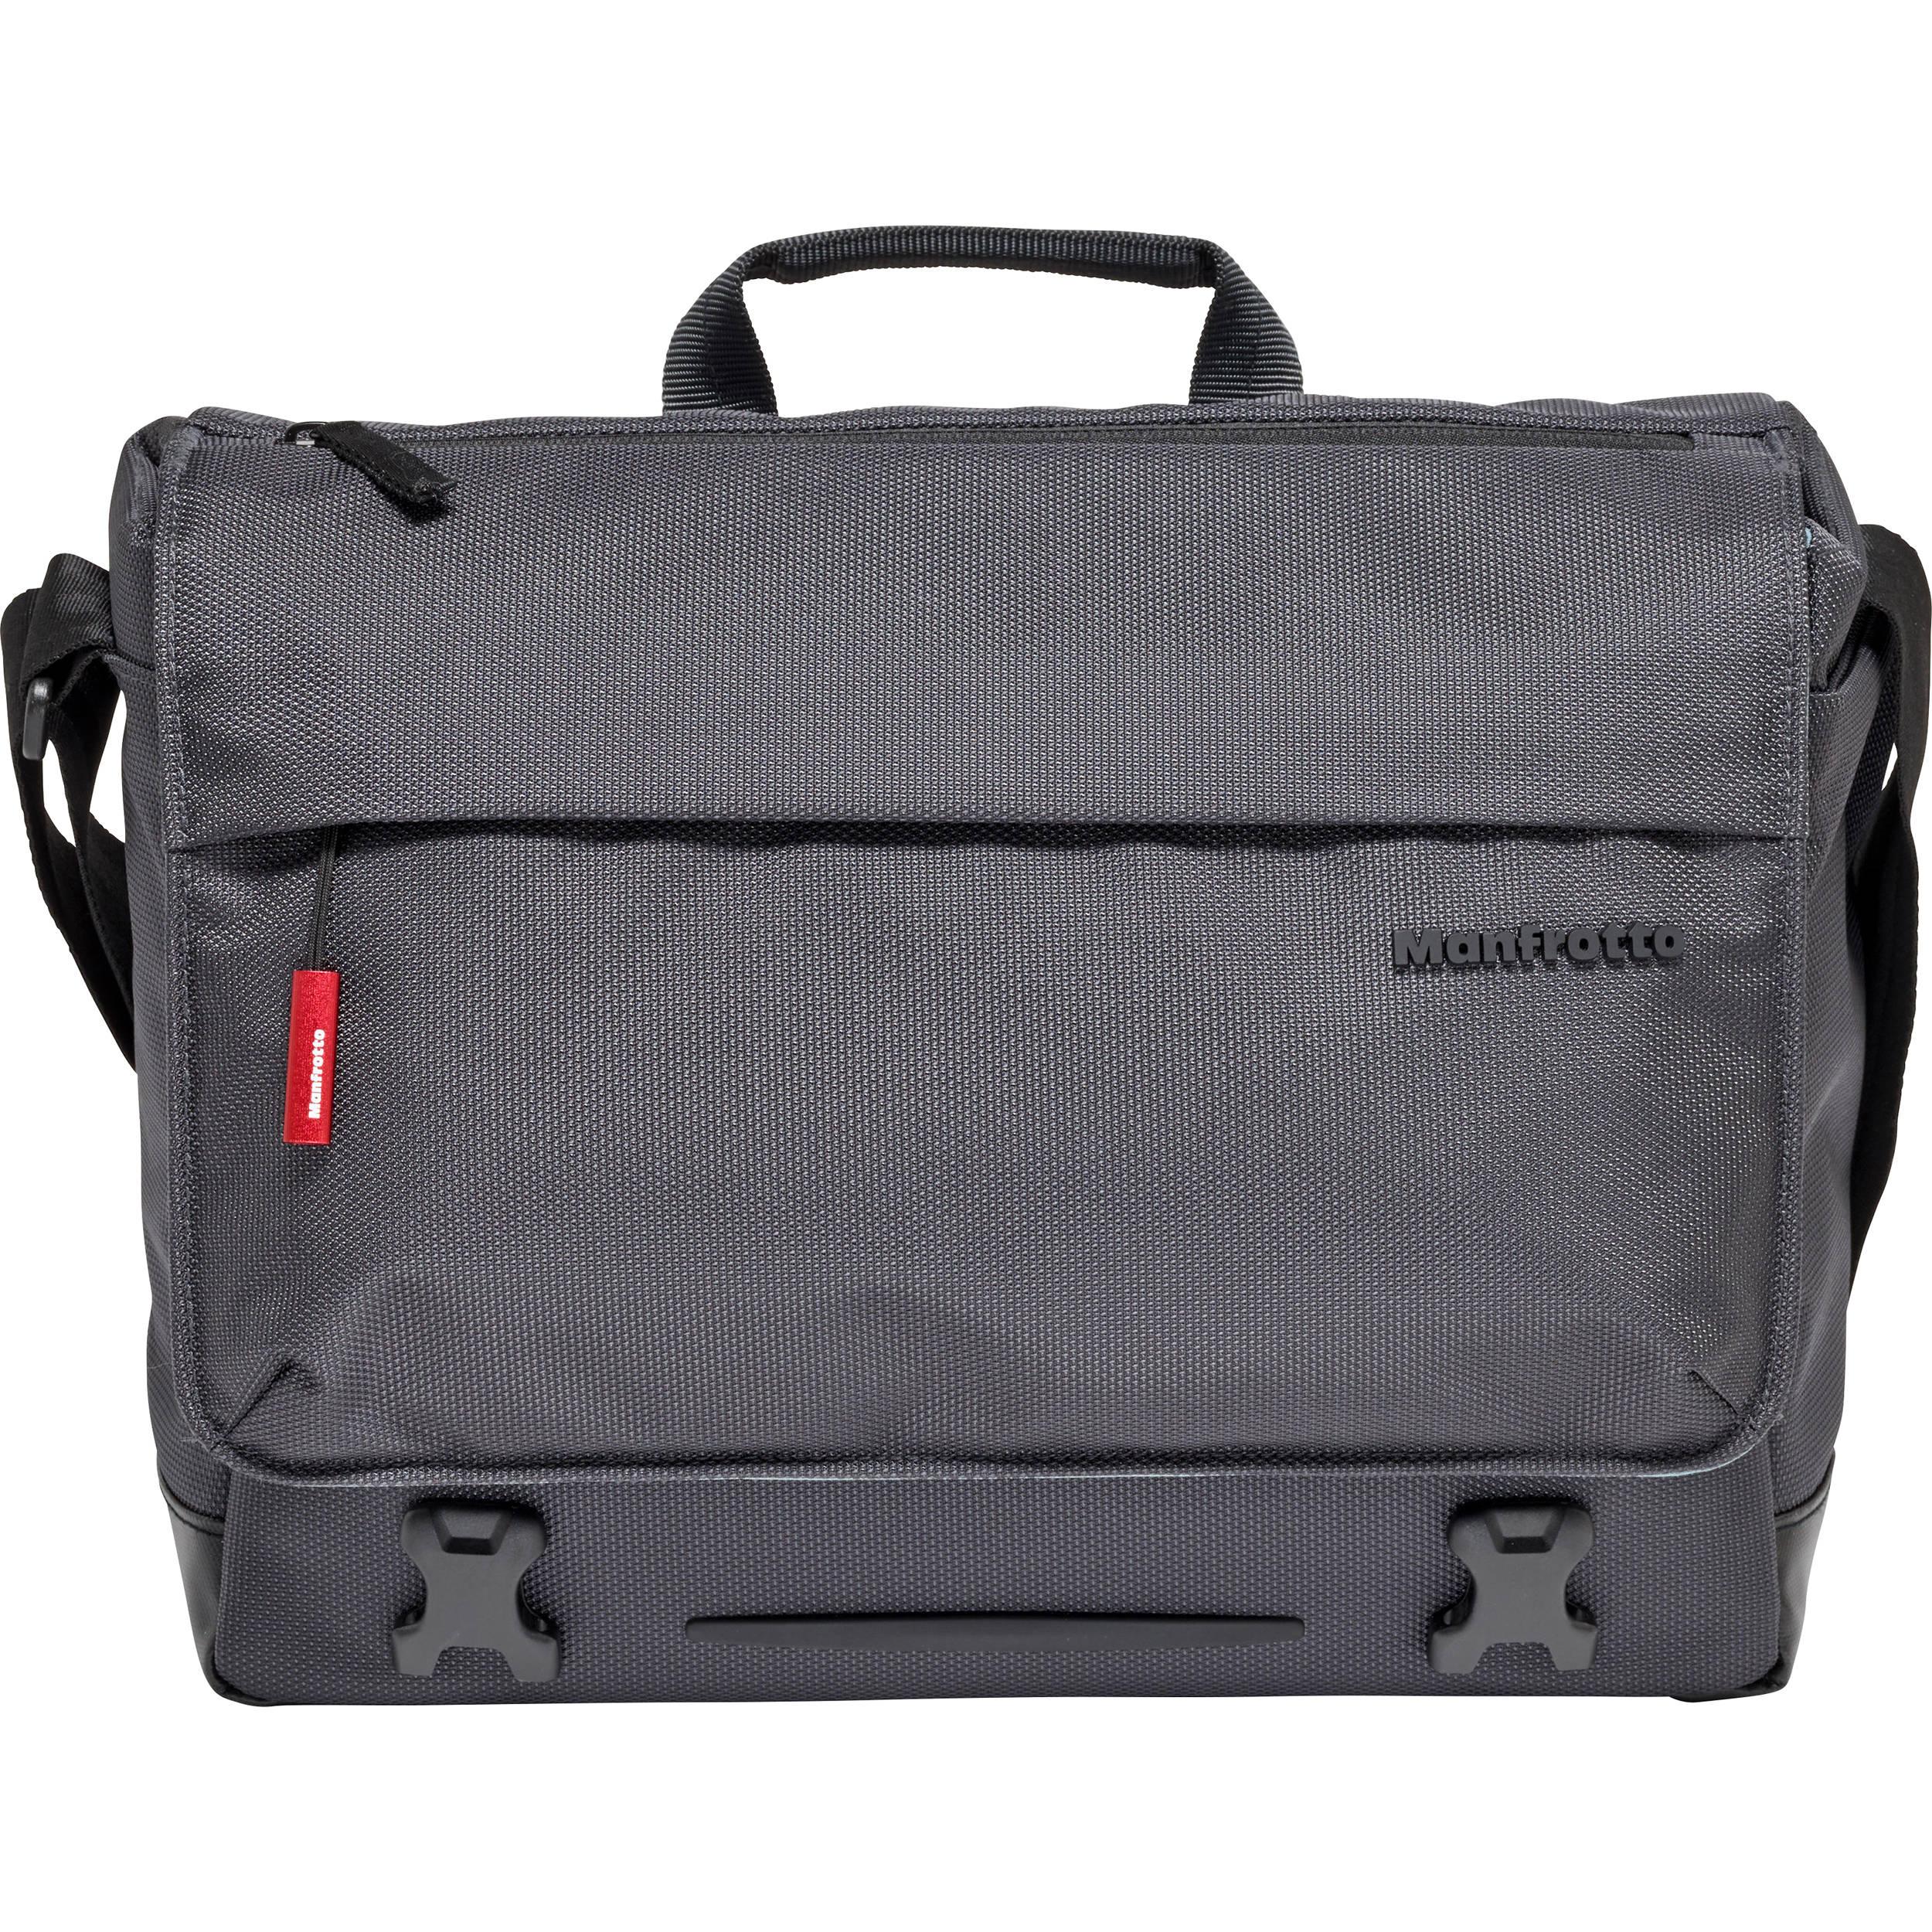 Manfrotto Manhattan Sdy 10 Camera Messenger Bag Gray